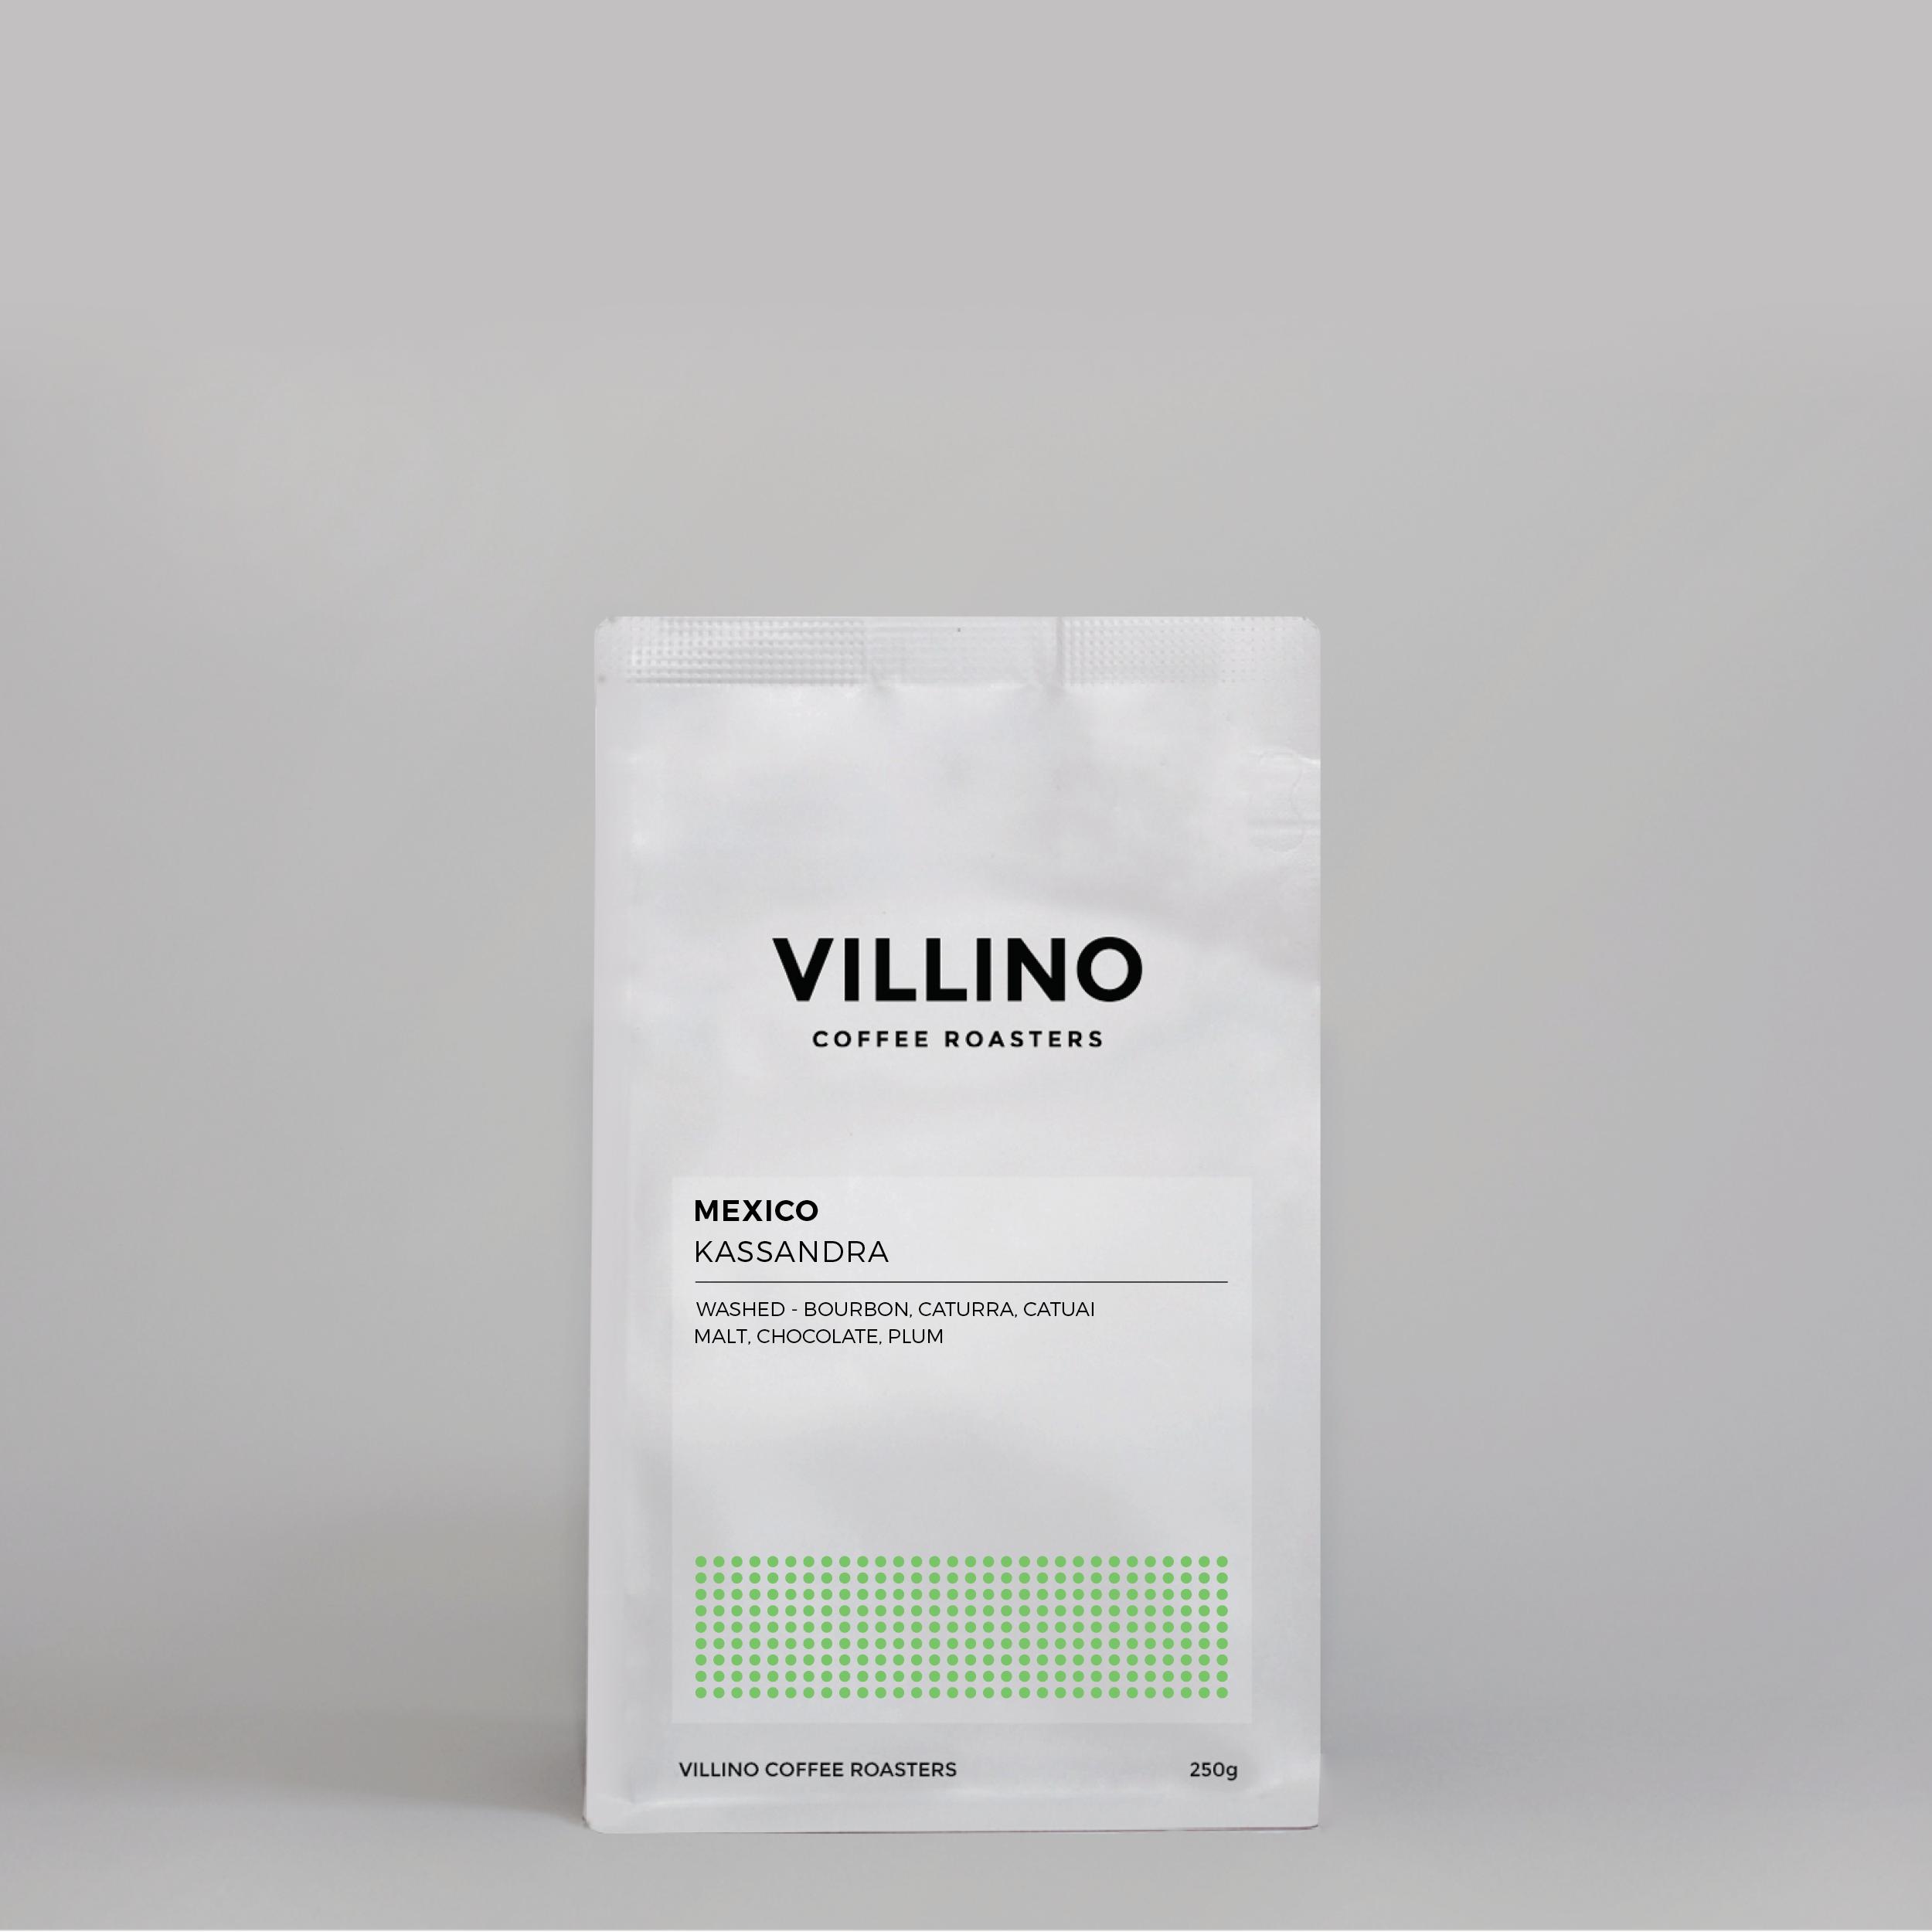 Villino_Retail Bag Kassandra_600x600px22.png